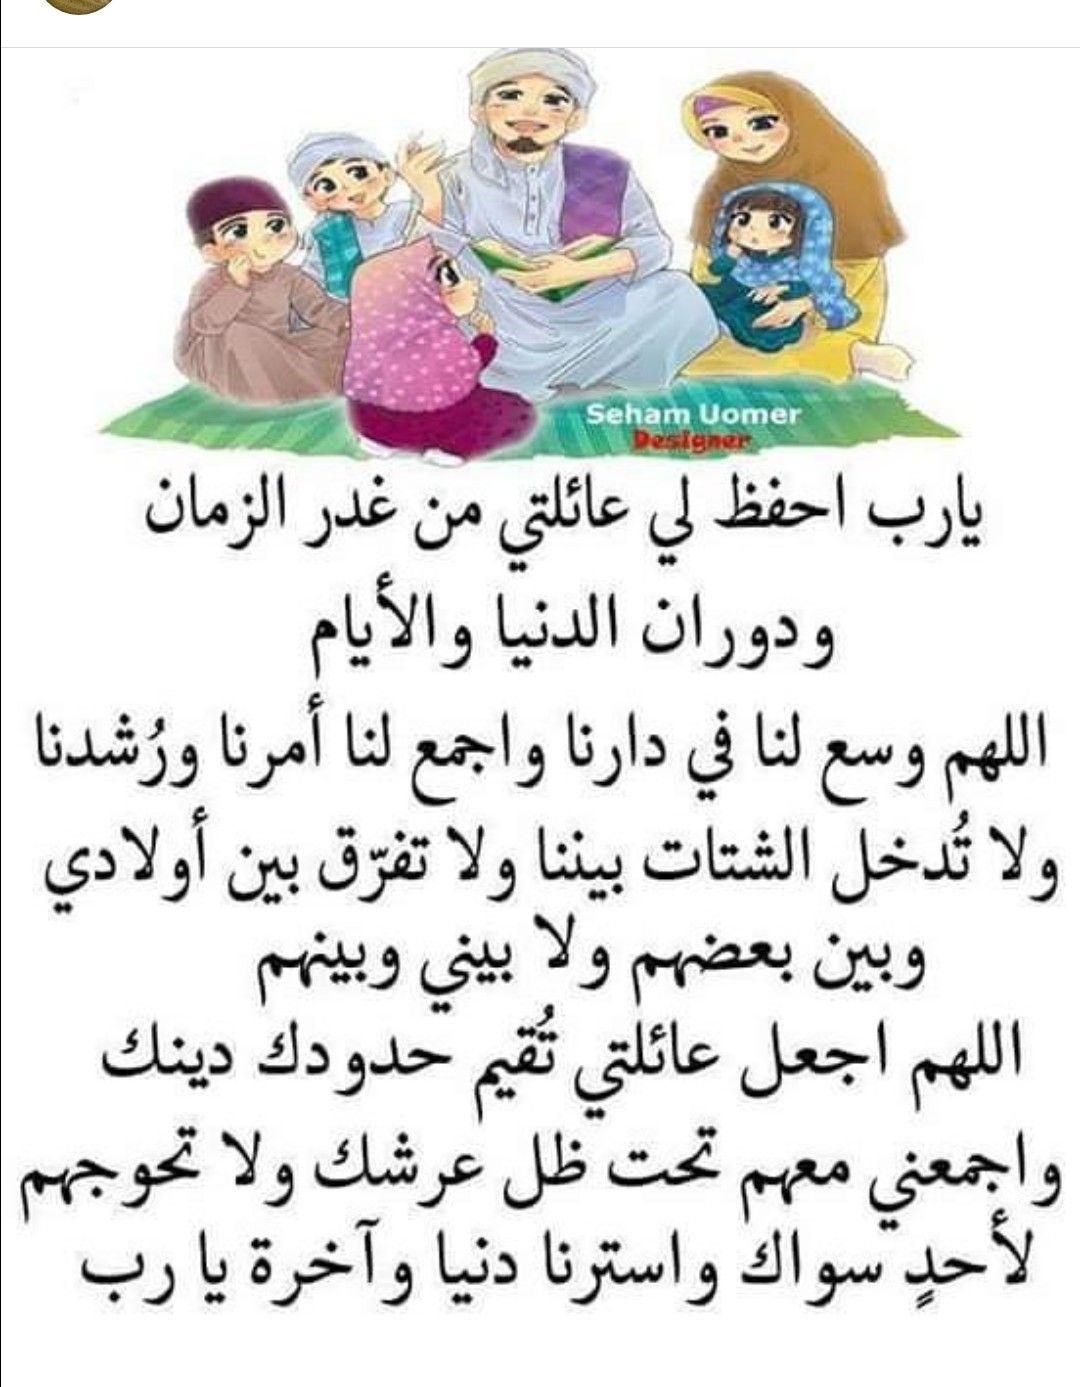 صورة كيف اجعل اولادي يحبون بعضهم , كيف تكون اسره سعيده و طيبه